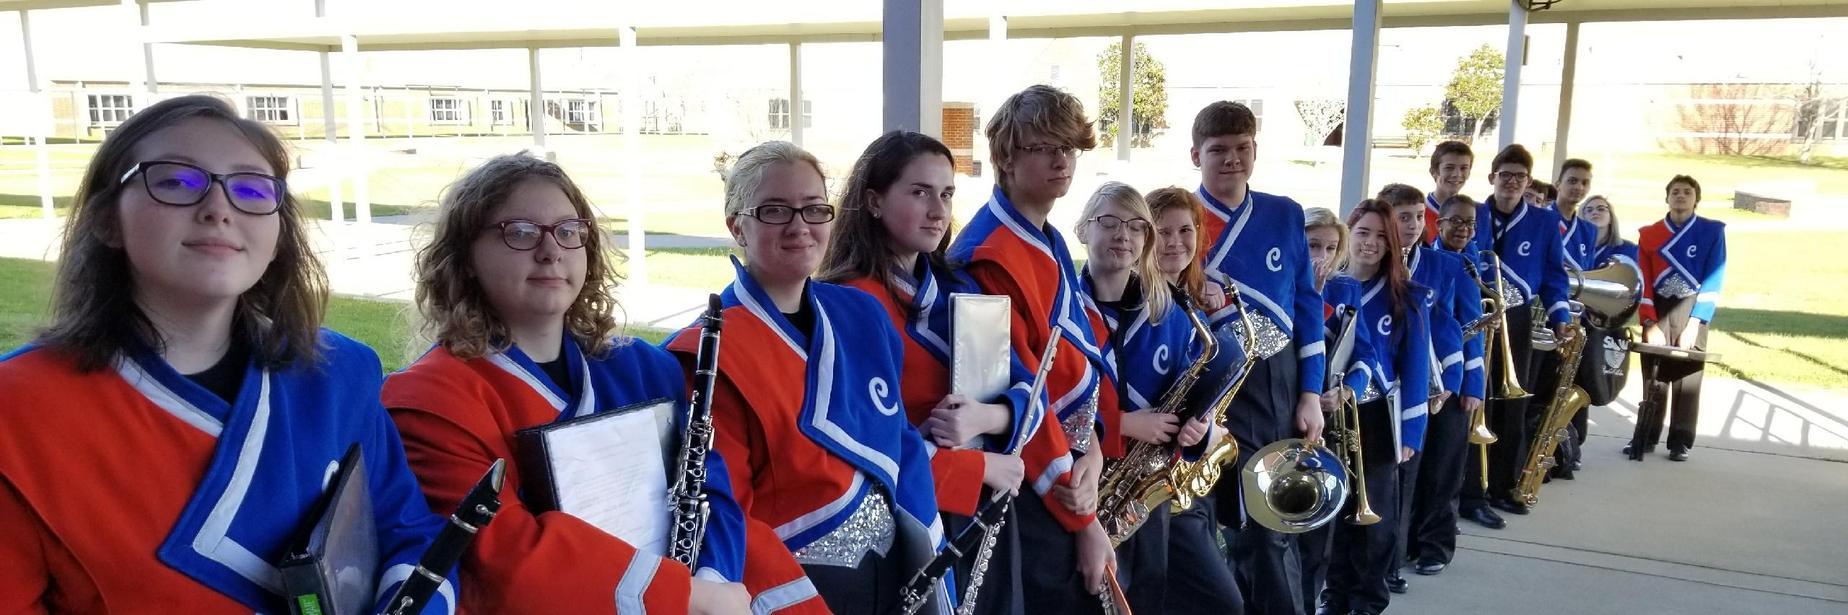 chs band members